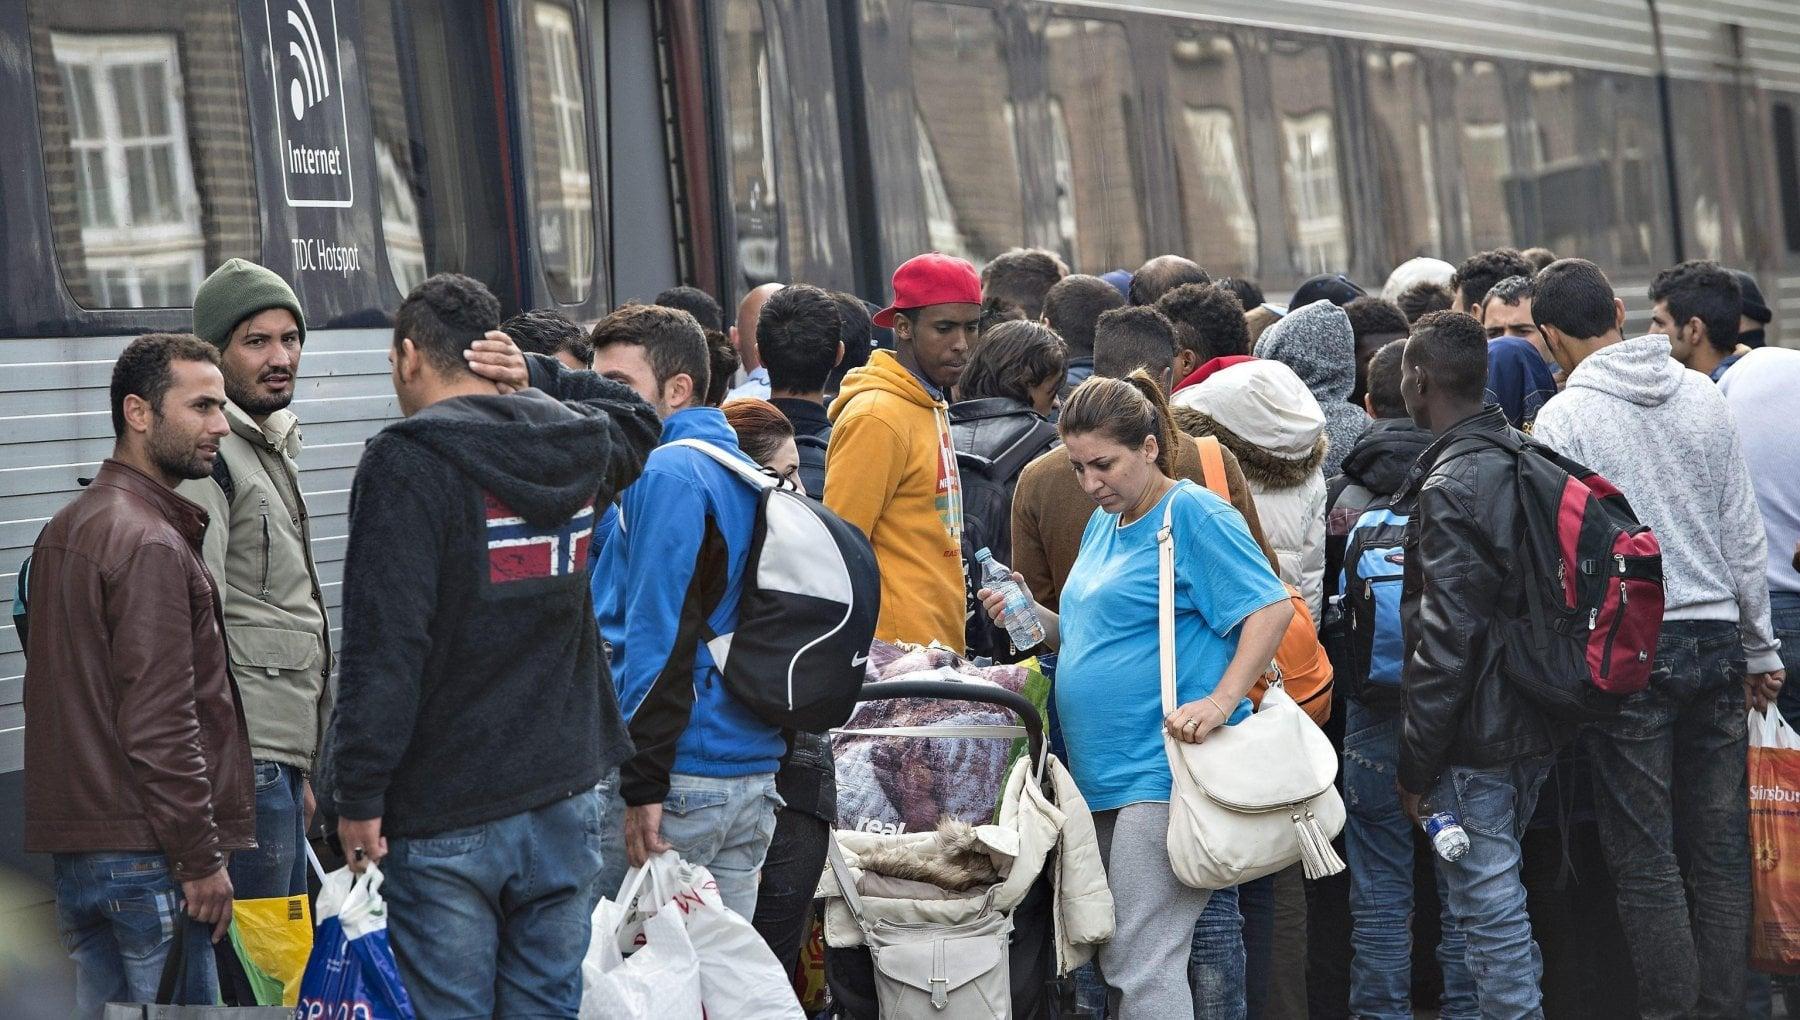 154831159 71f0edc0 143b 4ed1 8f6a f49f7ec294e8 - Danimarca, scontro con l'Ue sulla legge che prevede la costruzione di centri per richiedenti asilo fuori dall'Europa